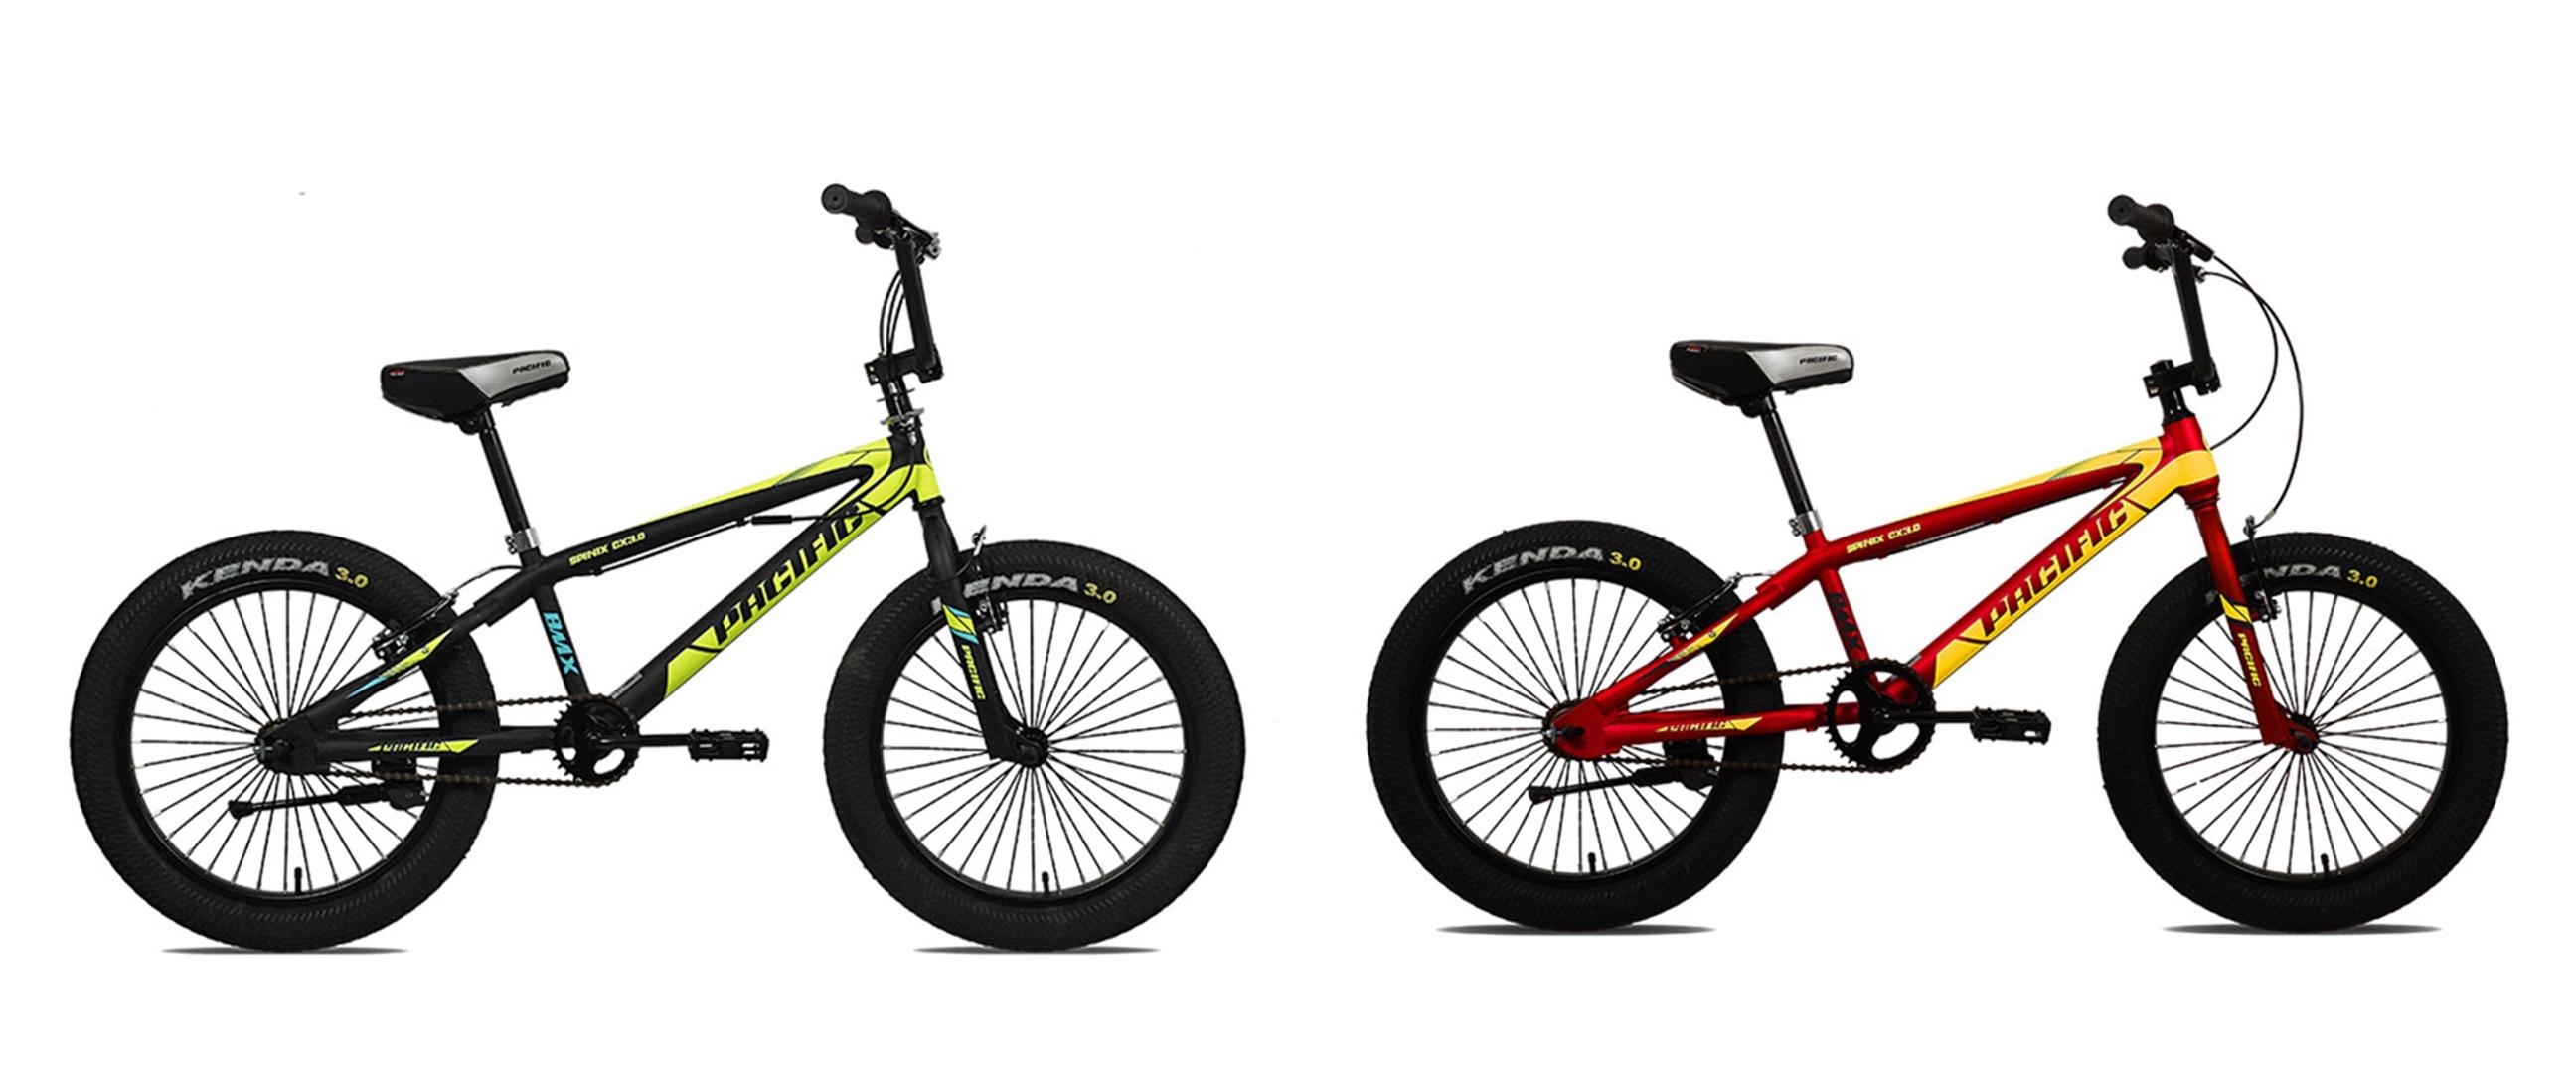 Harga sepeda BMX Pacific Spinix dan spesifikasi, gesit dan keren